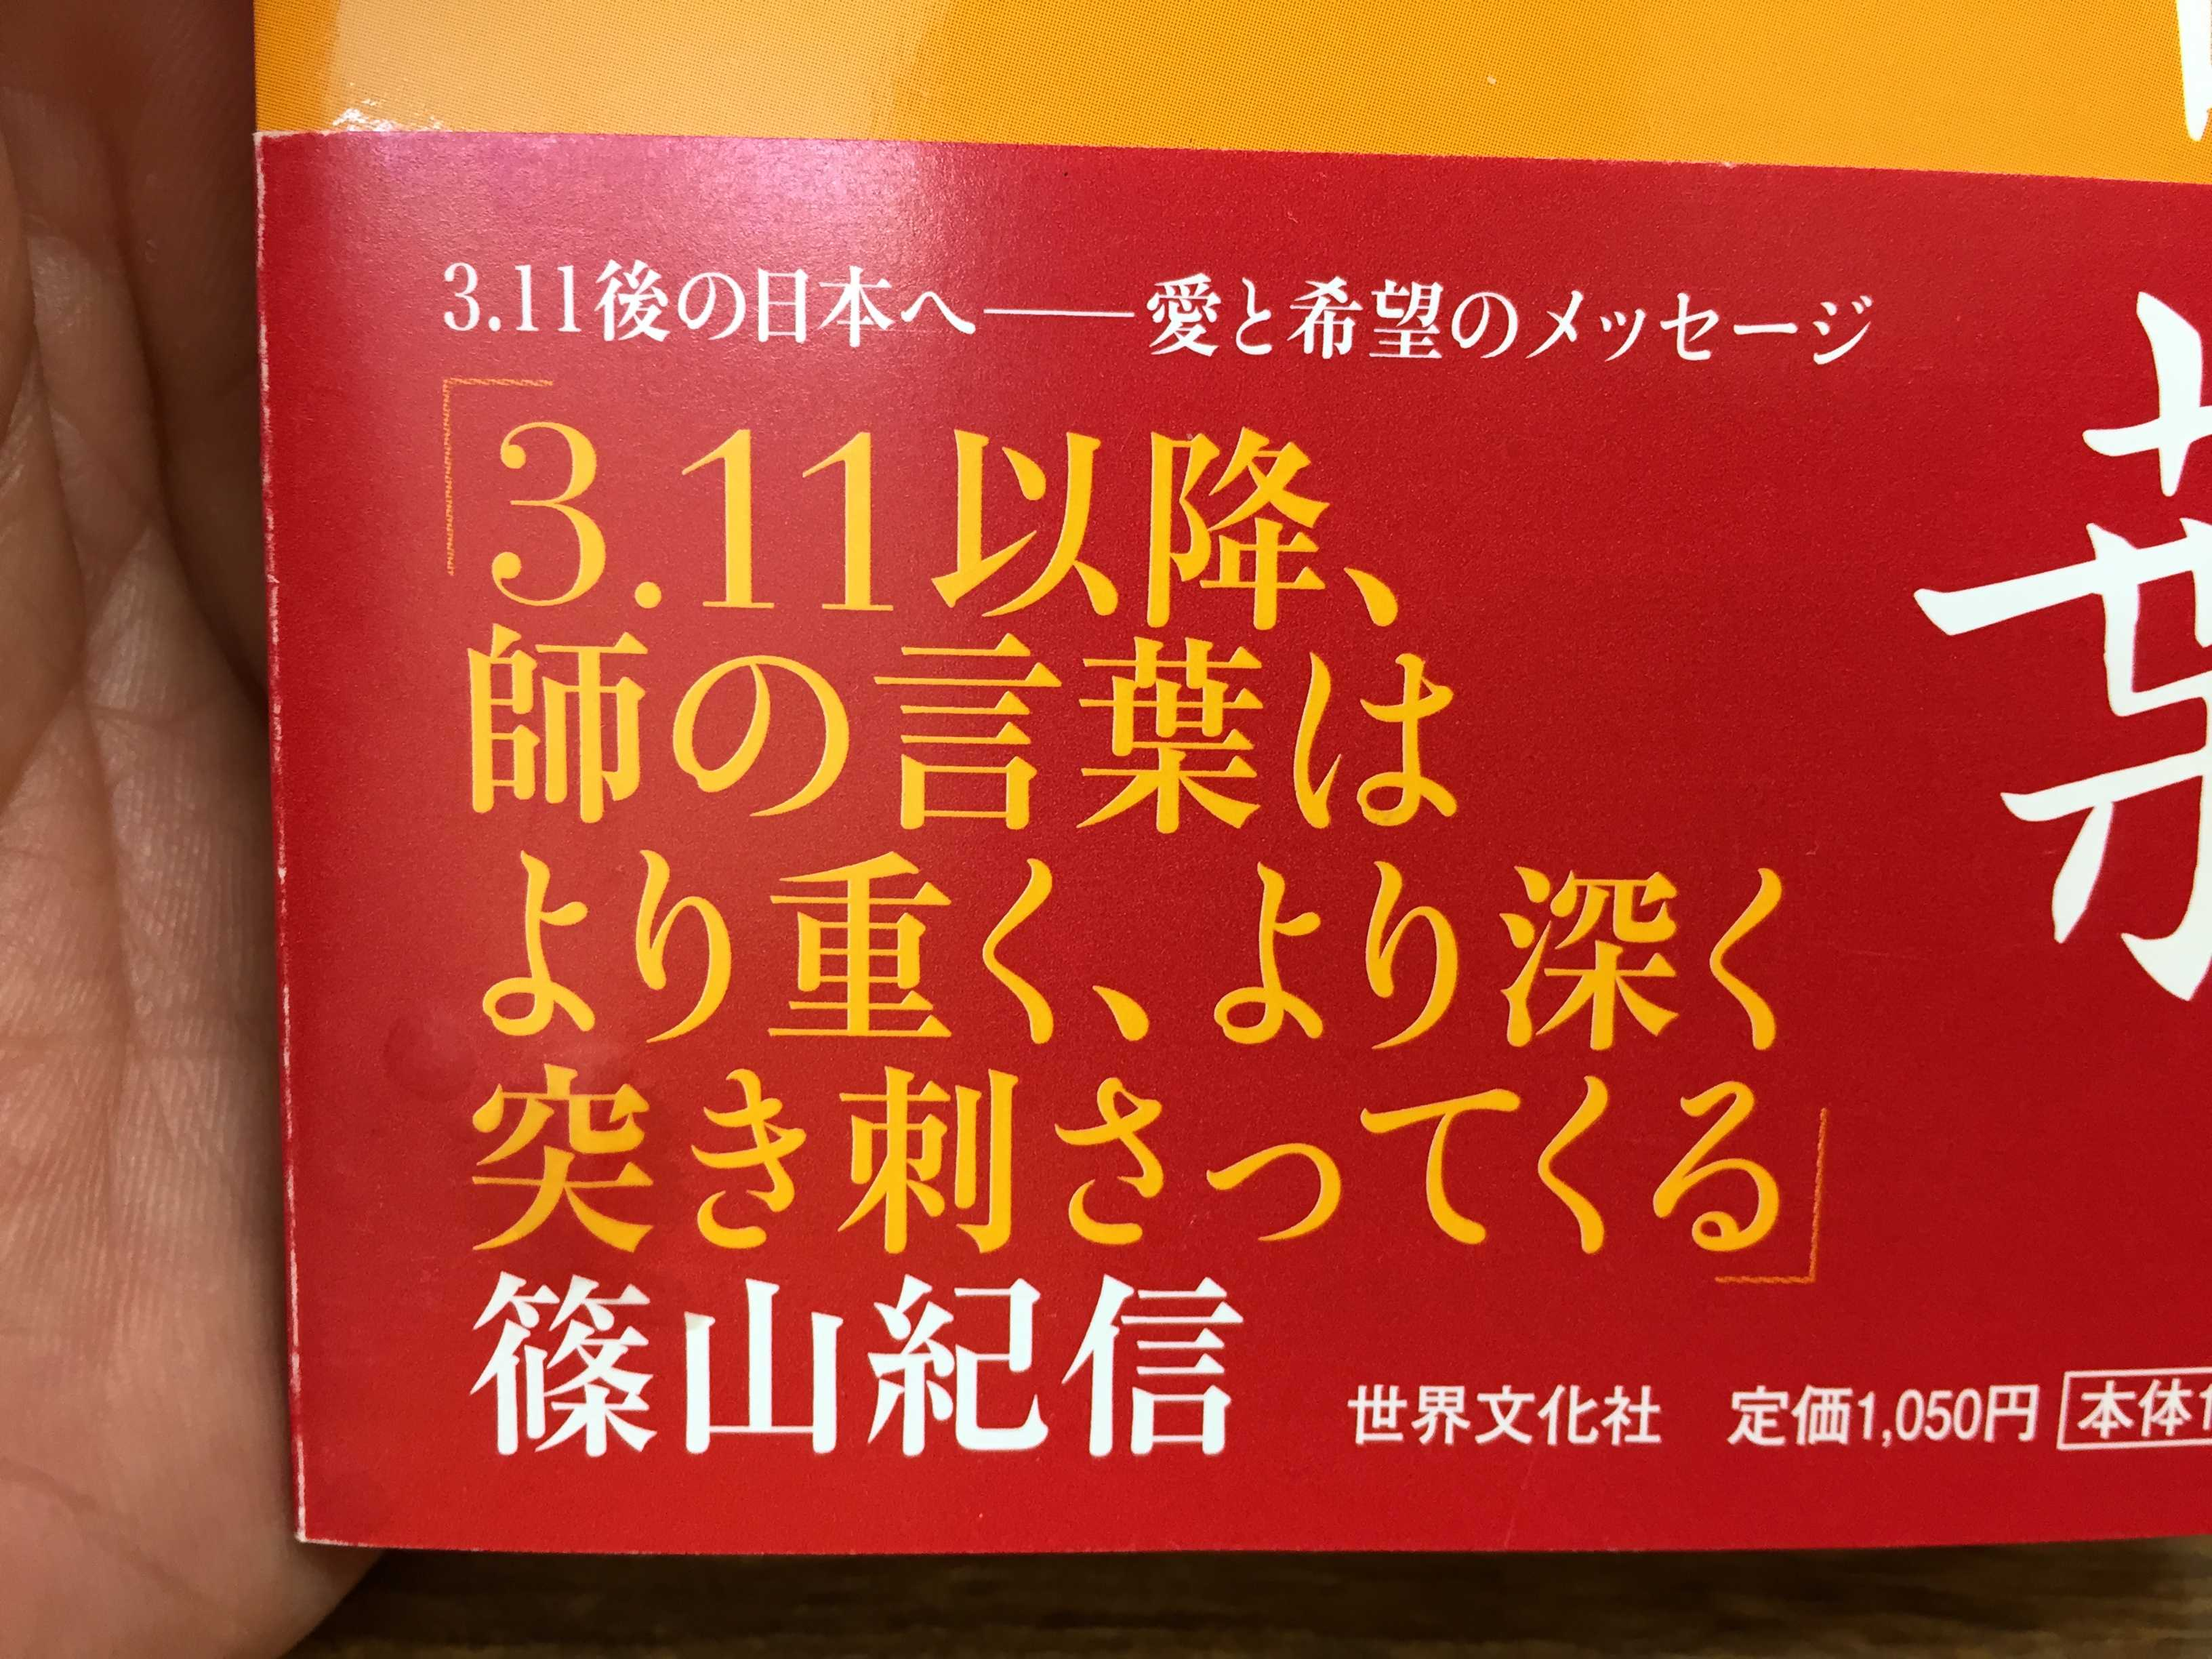 ダライ・ラマ - 篠山紀信